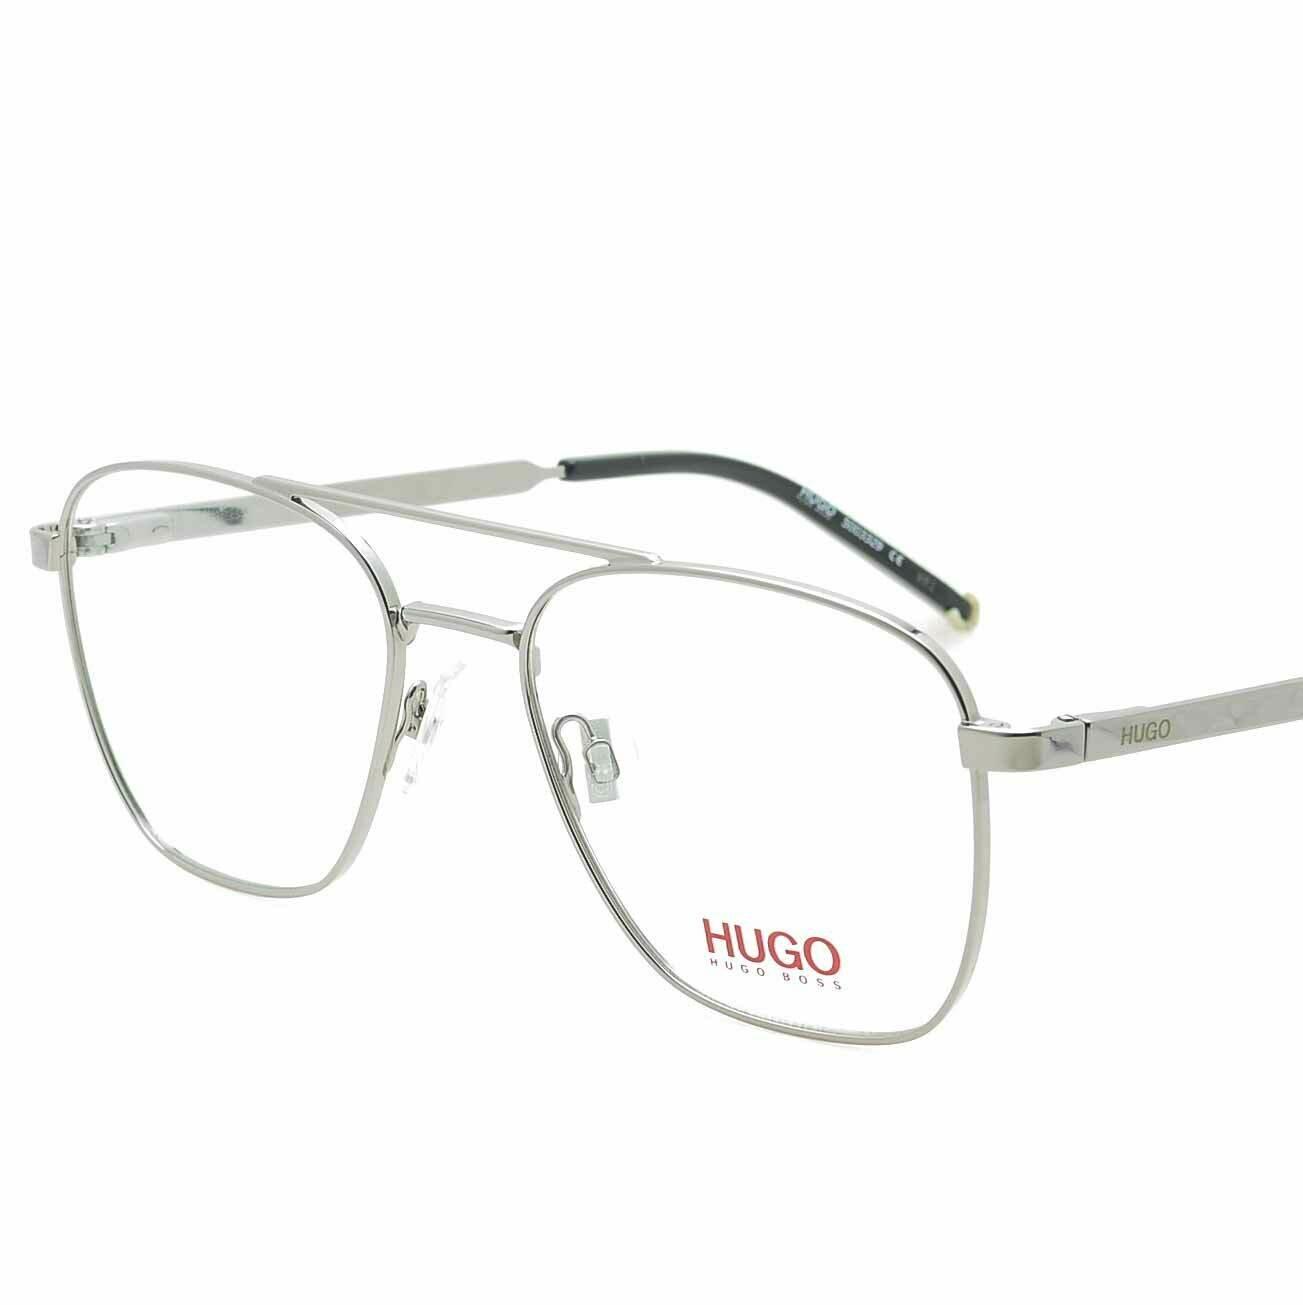 Hugo Boss 5003329